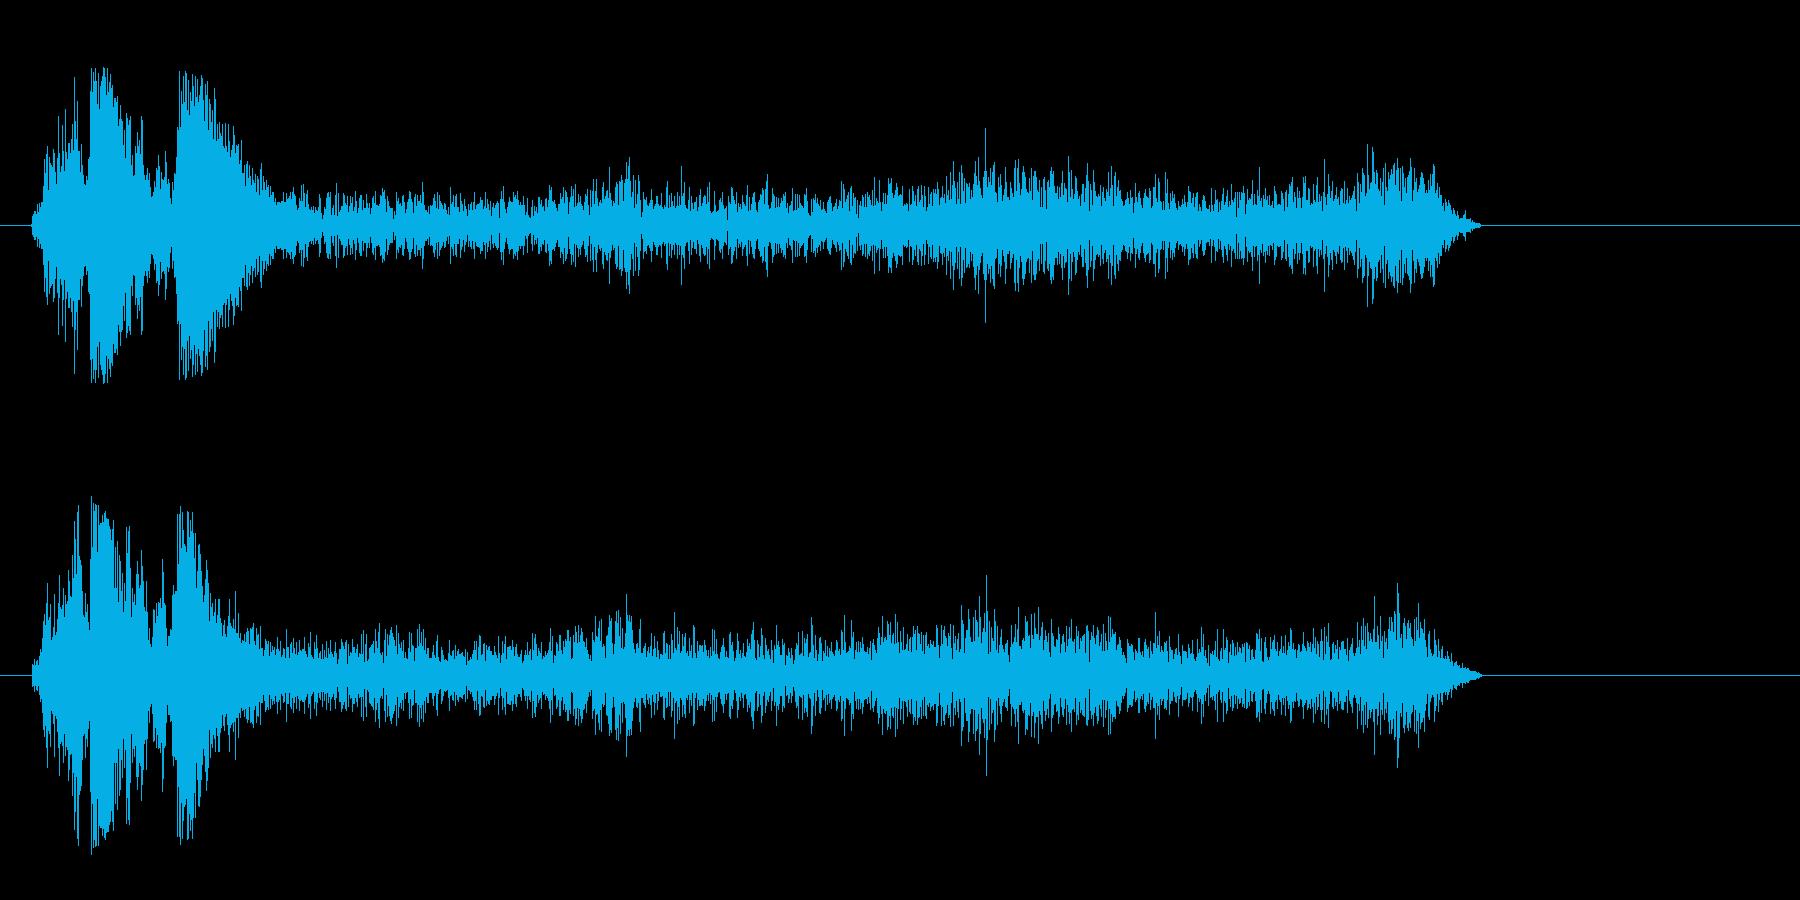 シュウウウというマシンの作動音の再生済みの波形